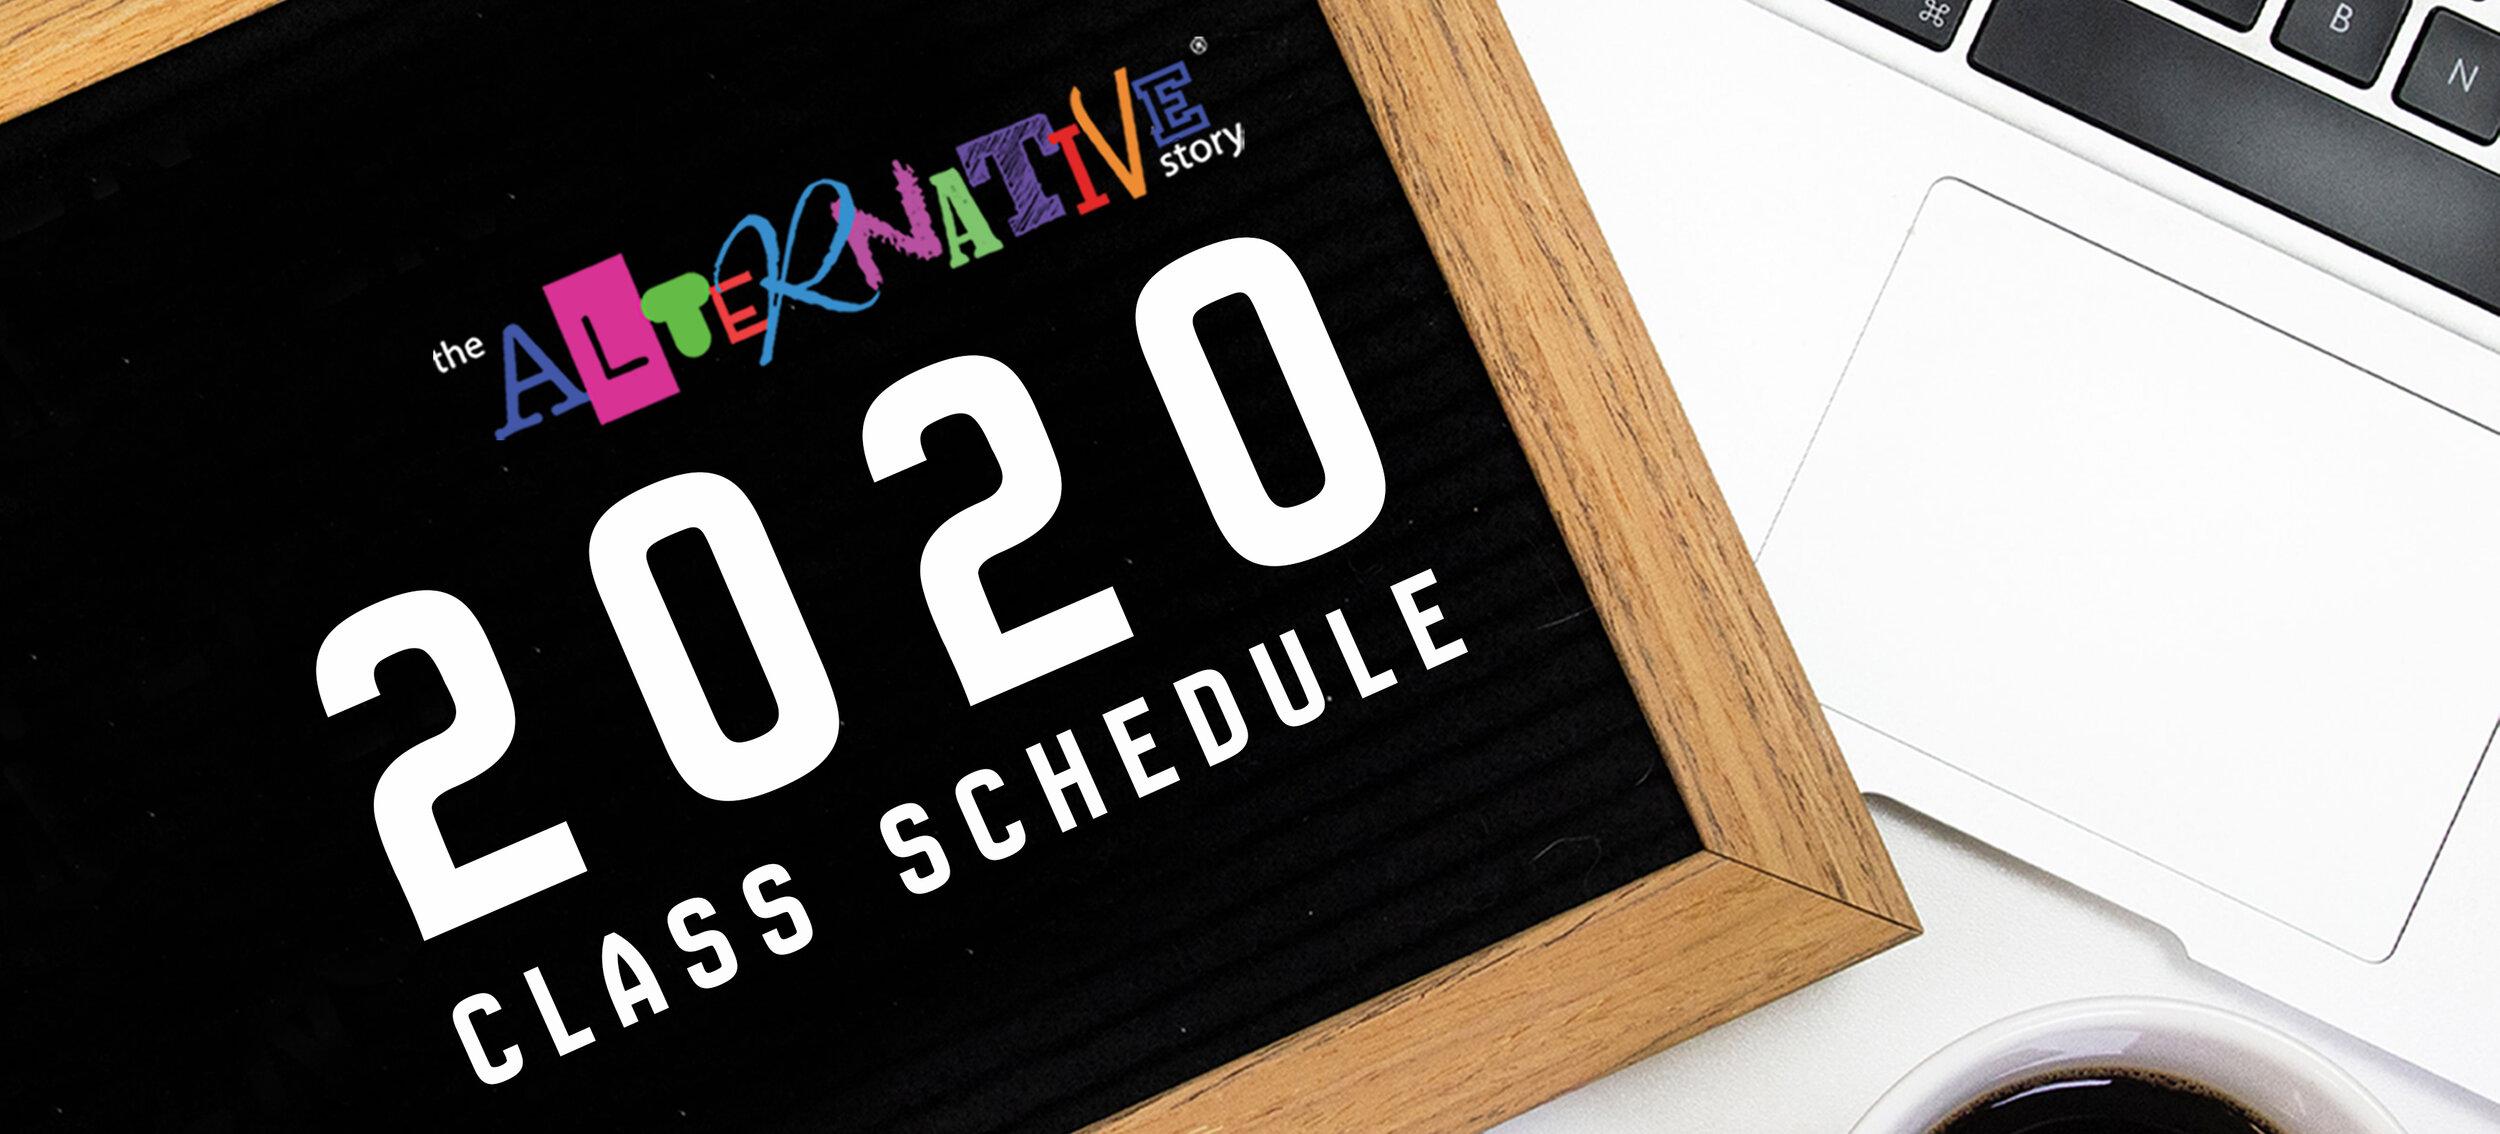 2020 Class Schedule Release